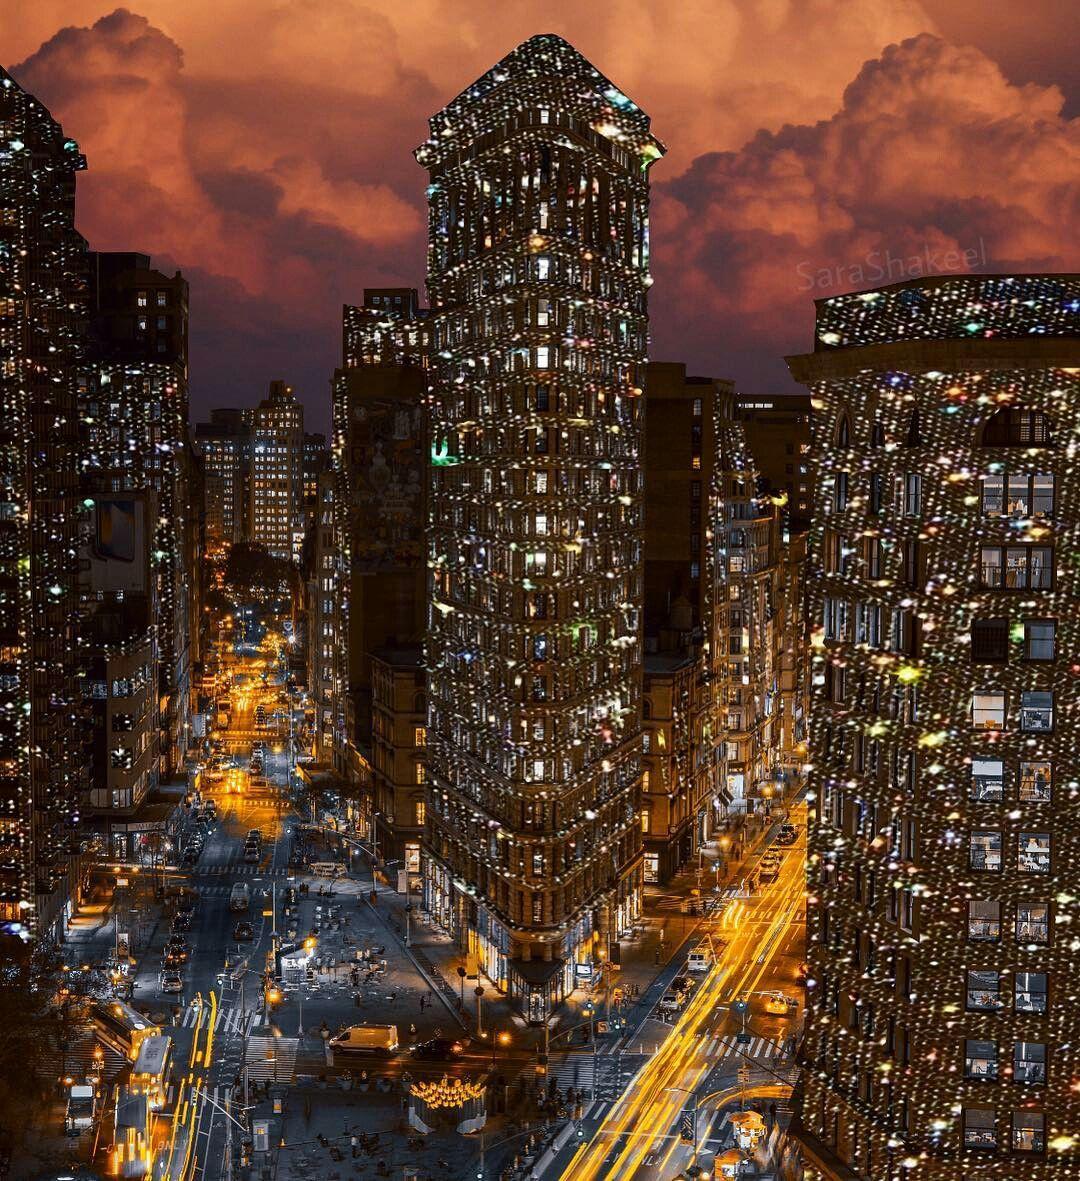 блестящие картинки город объемного огнеупорного